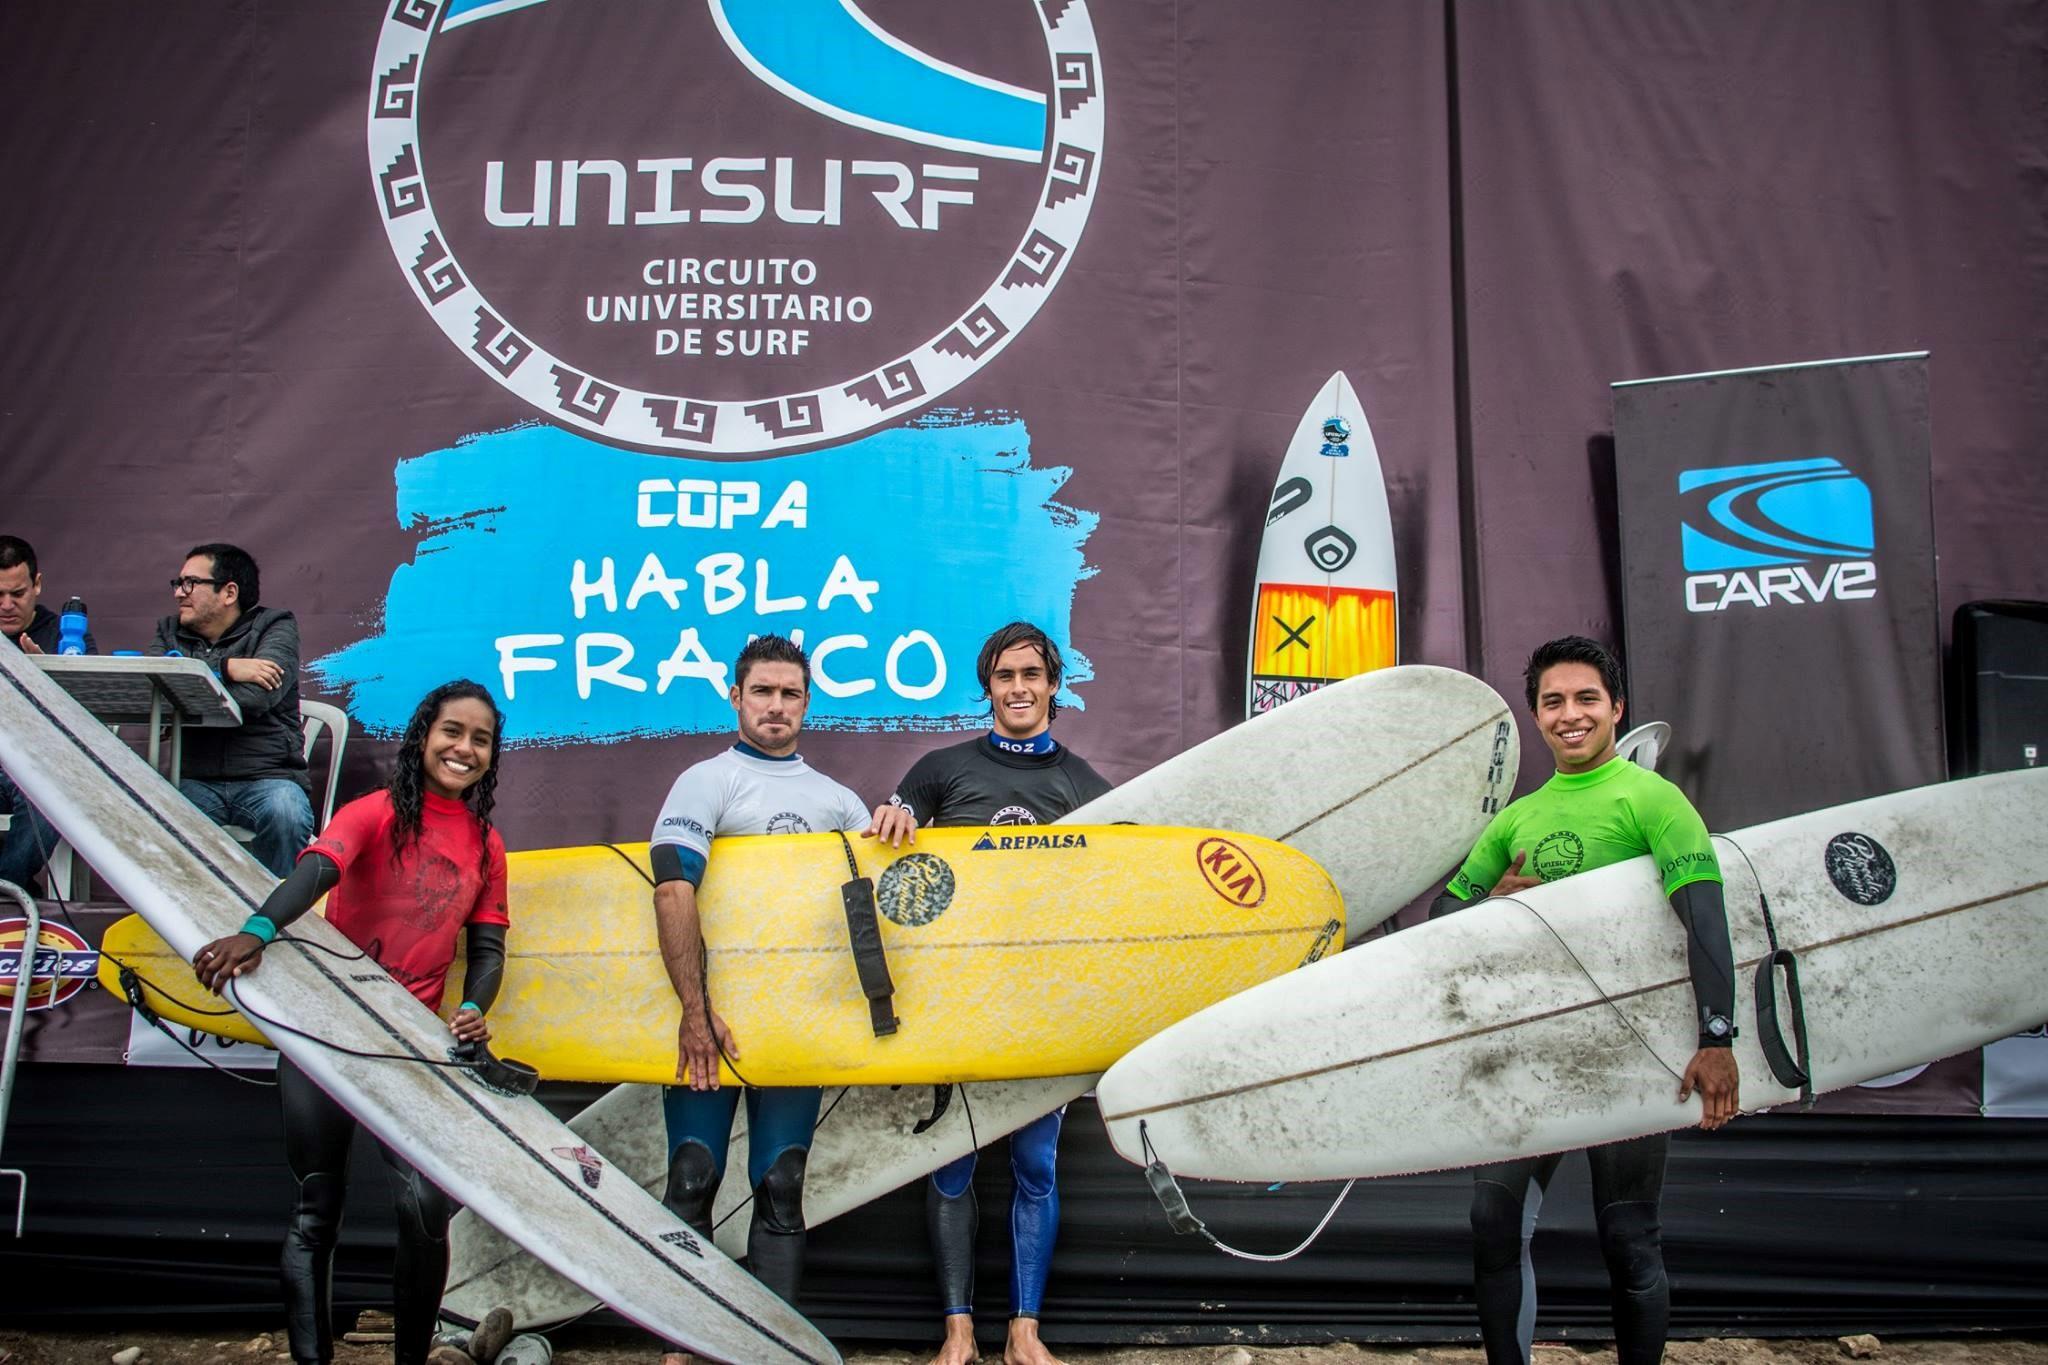 2da Fecha del Circuito Universitario de Surf – UNISURF 2018